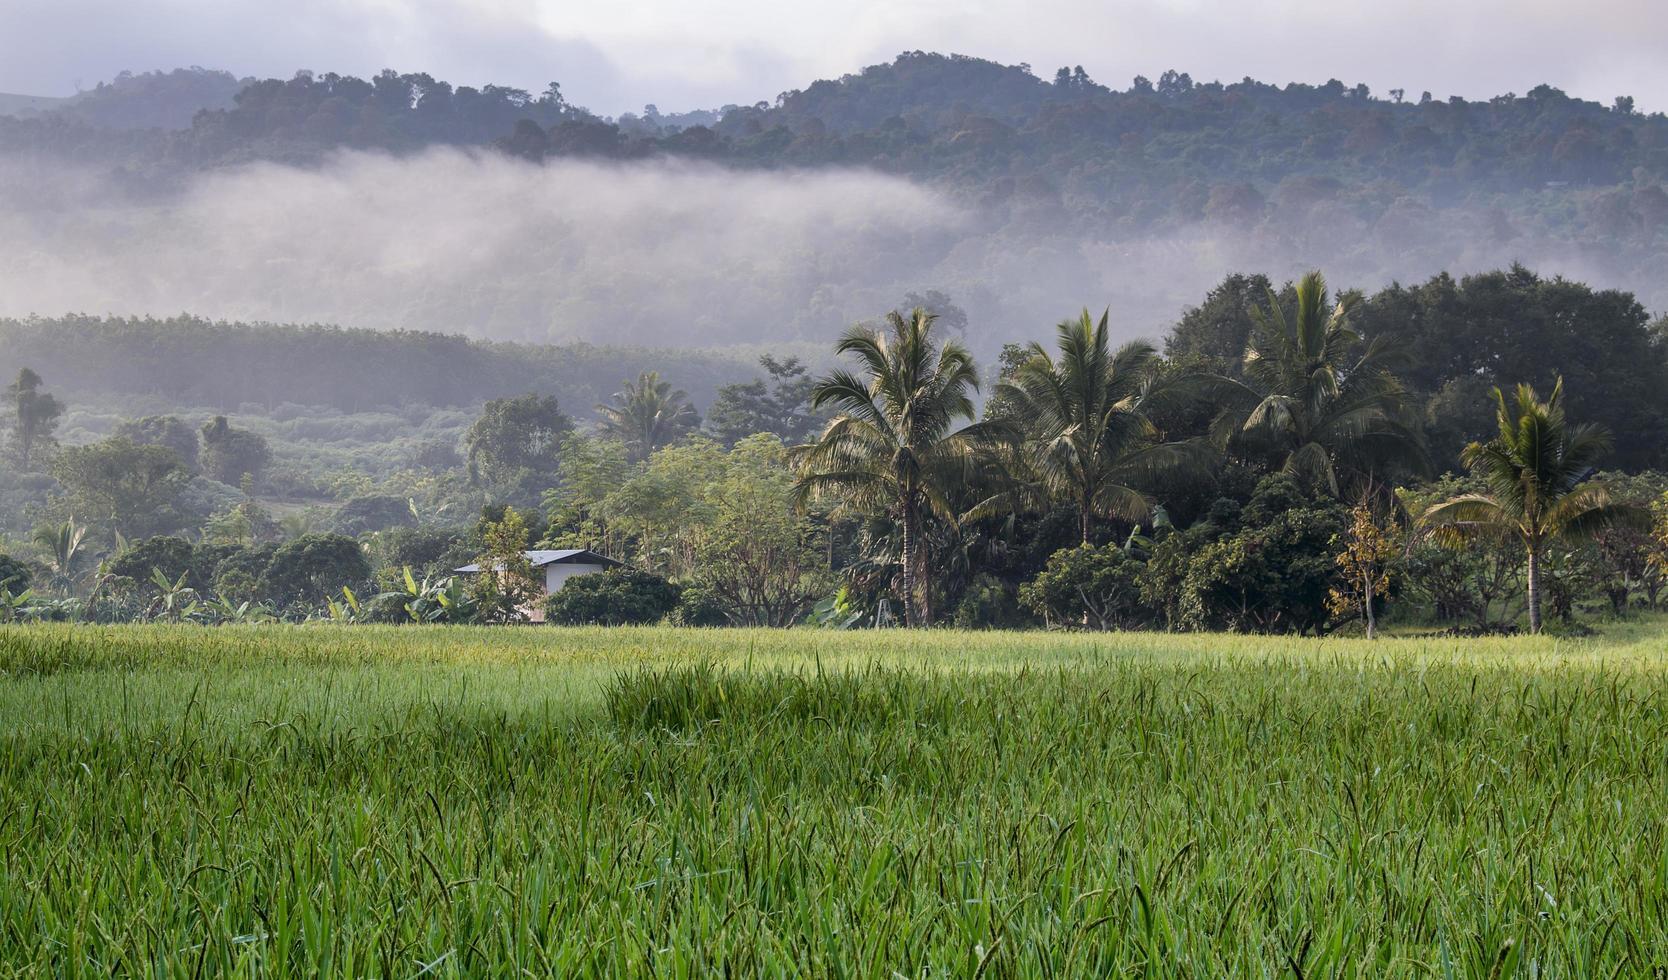 Rice field in autumn photo